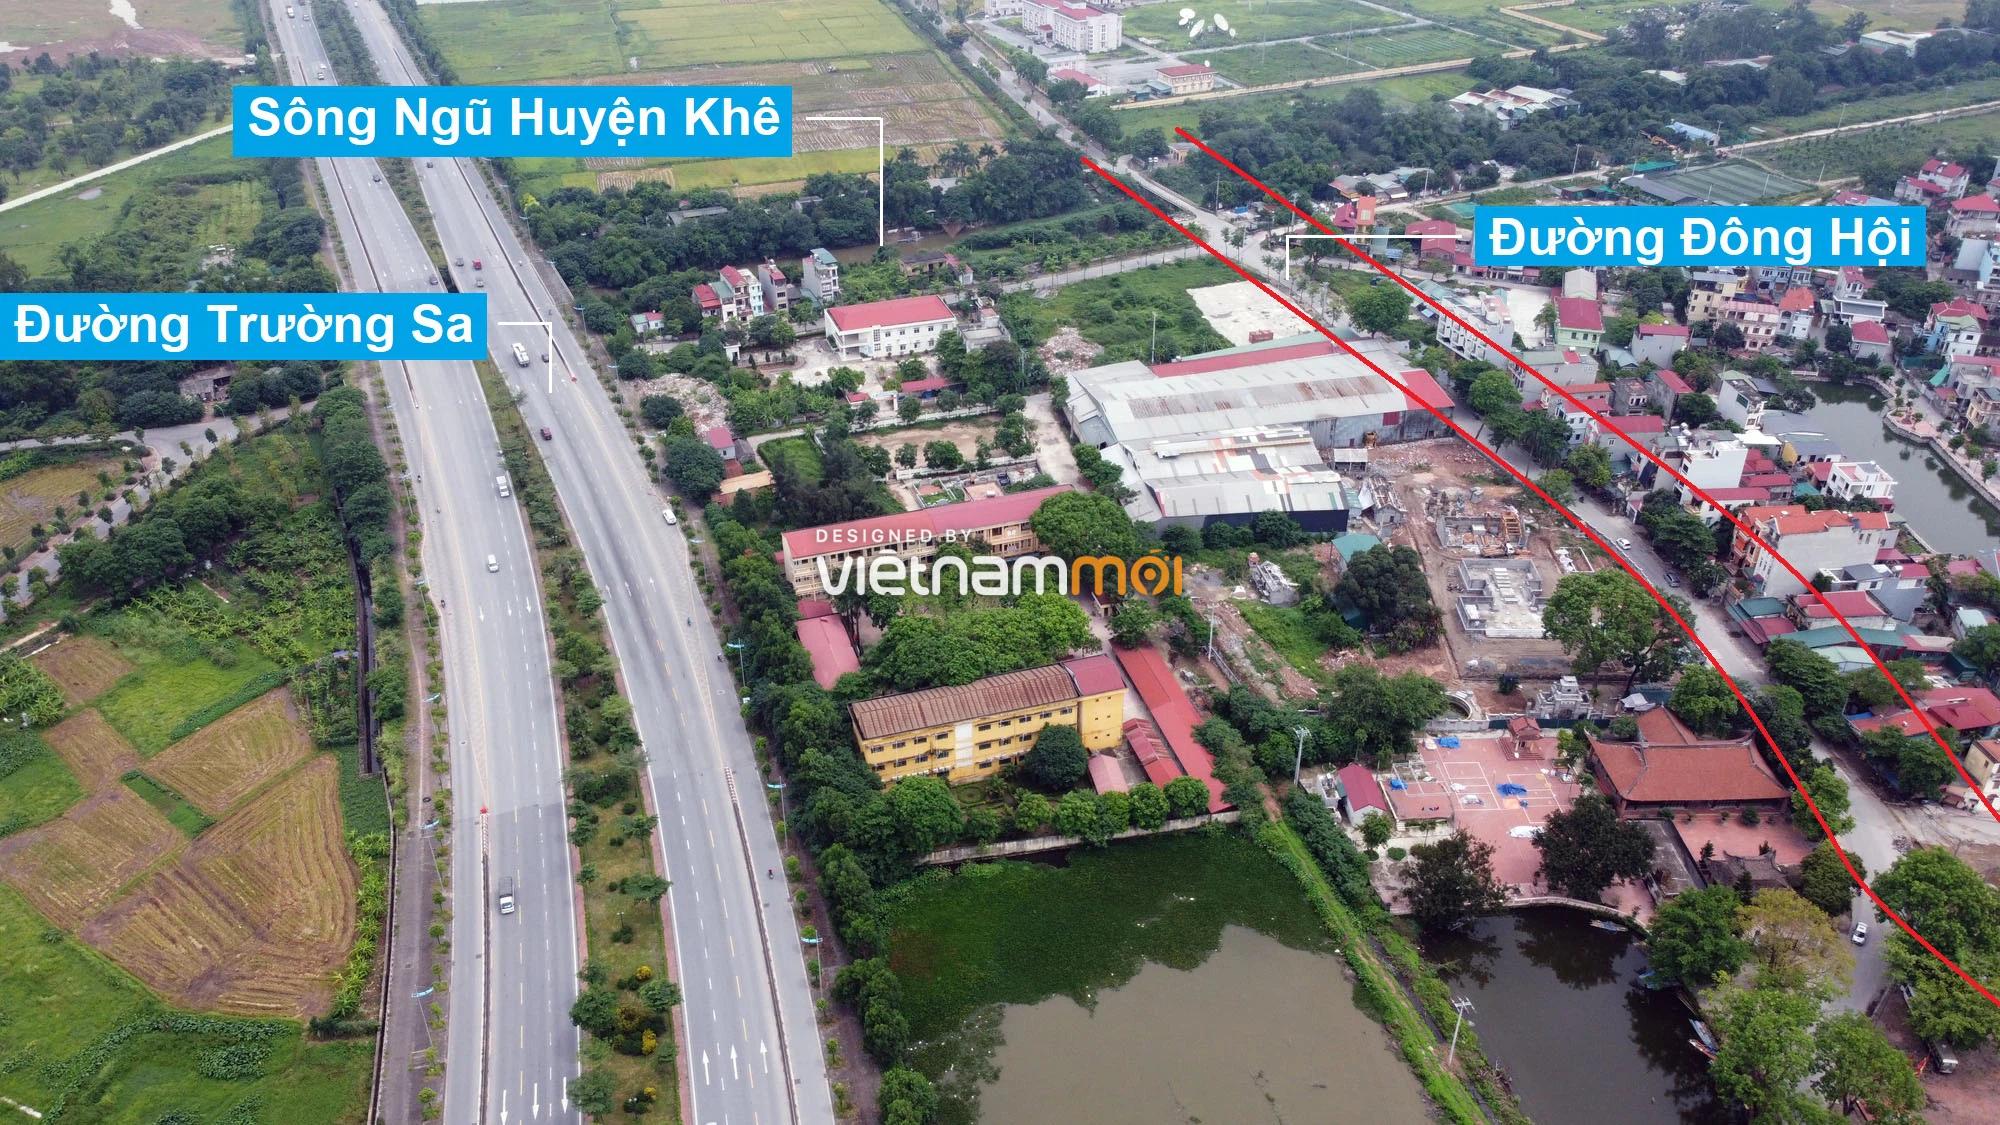 Đường sẽ mở theo quy hoạch ở xã Đông Hội, Đông Anh, Hà Nội (phần 2) - Ảnh 4.